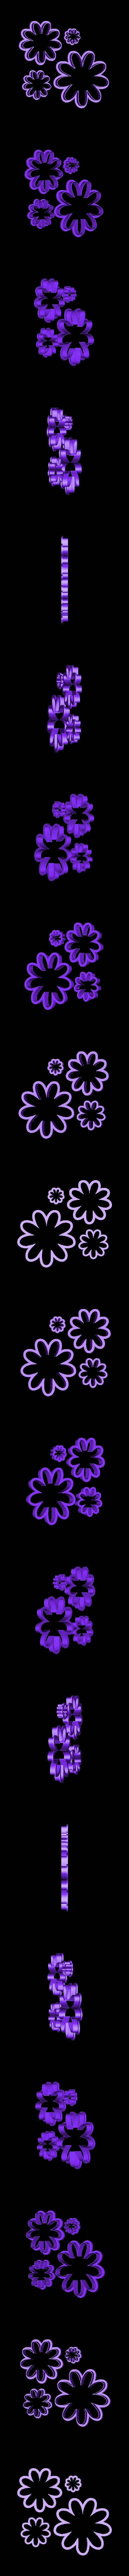 926 Margaritas set.stl Download STL file Daisy cutter set • 3D print design, juanchininaiara